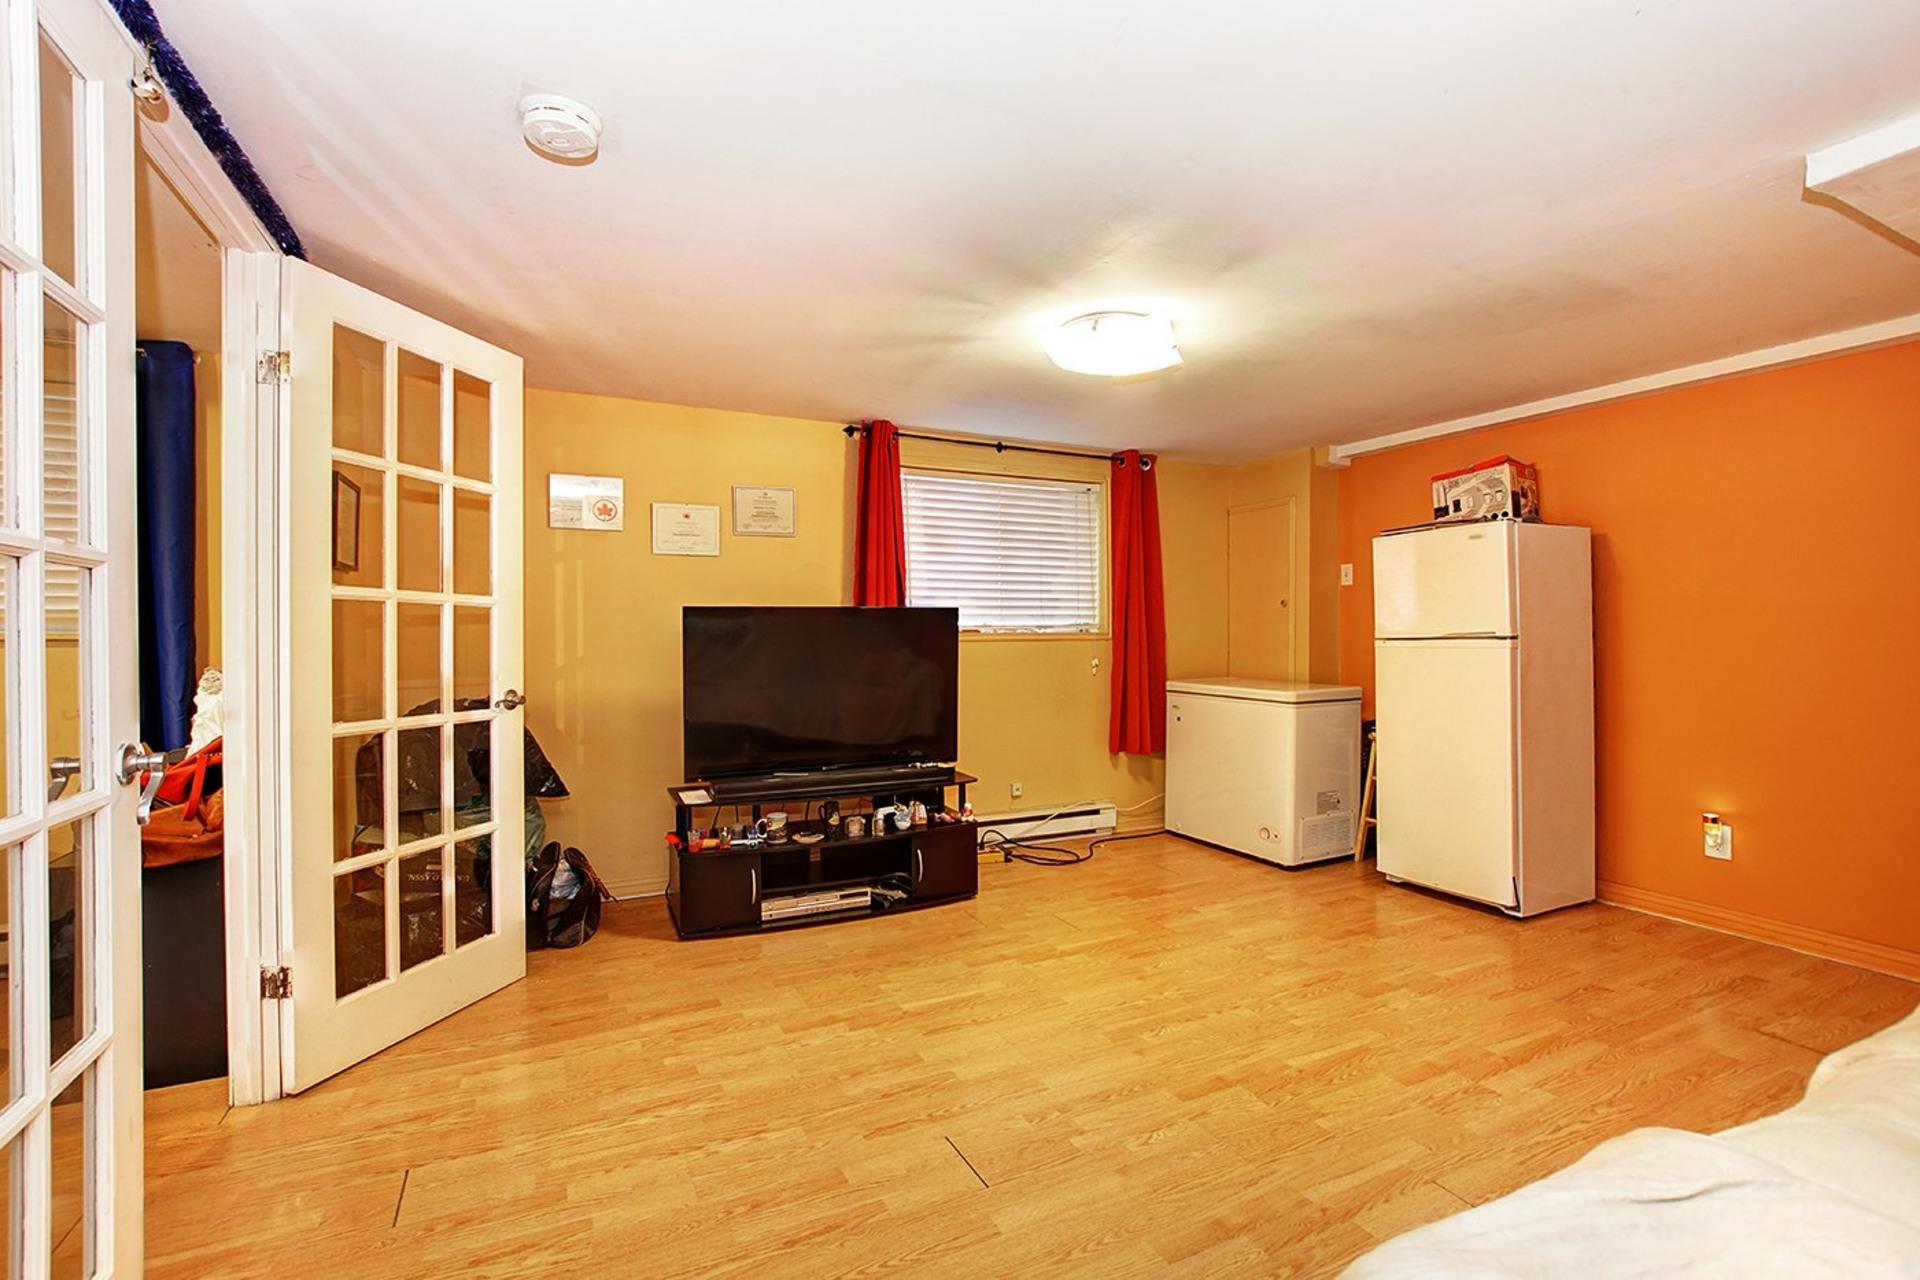 image 25 - Duplex For sale Rivière-des-Prairies/Pointe-aux-Trembles Montréal  - 4 rooms